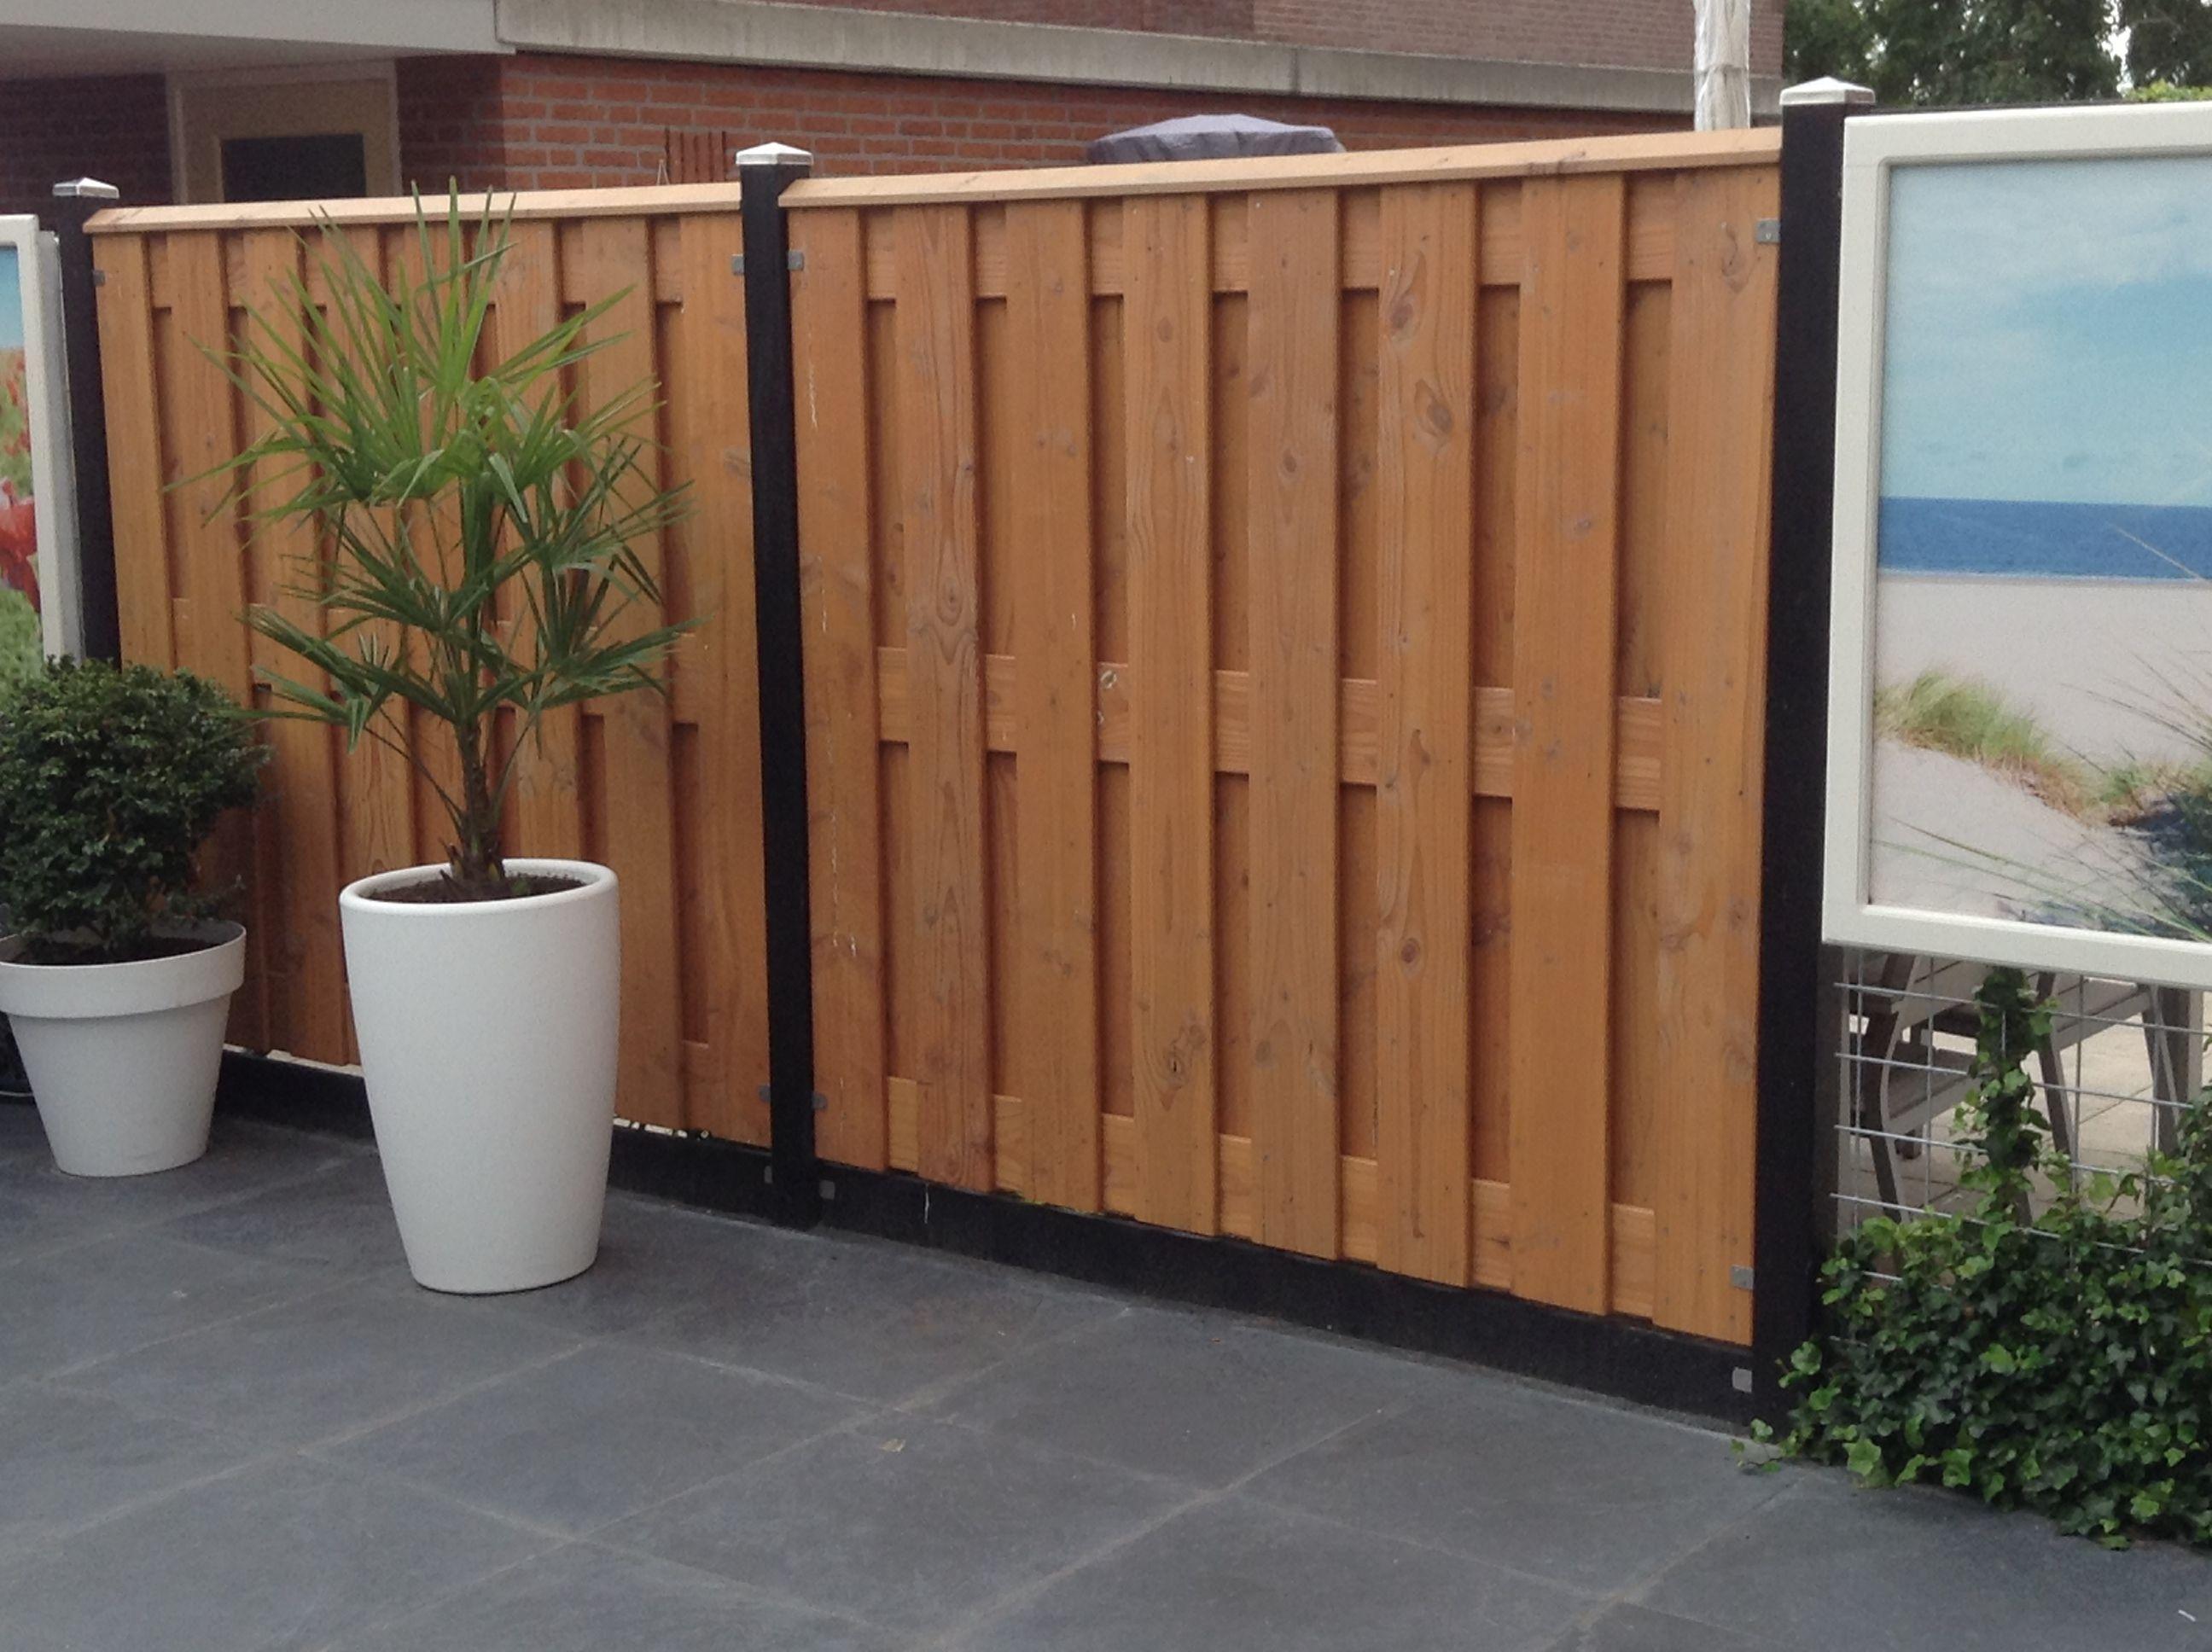 Nubuiten project hout beton schutting met hardhouten schutting delen afgewerkt met - Deco lounge hout ...